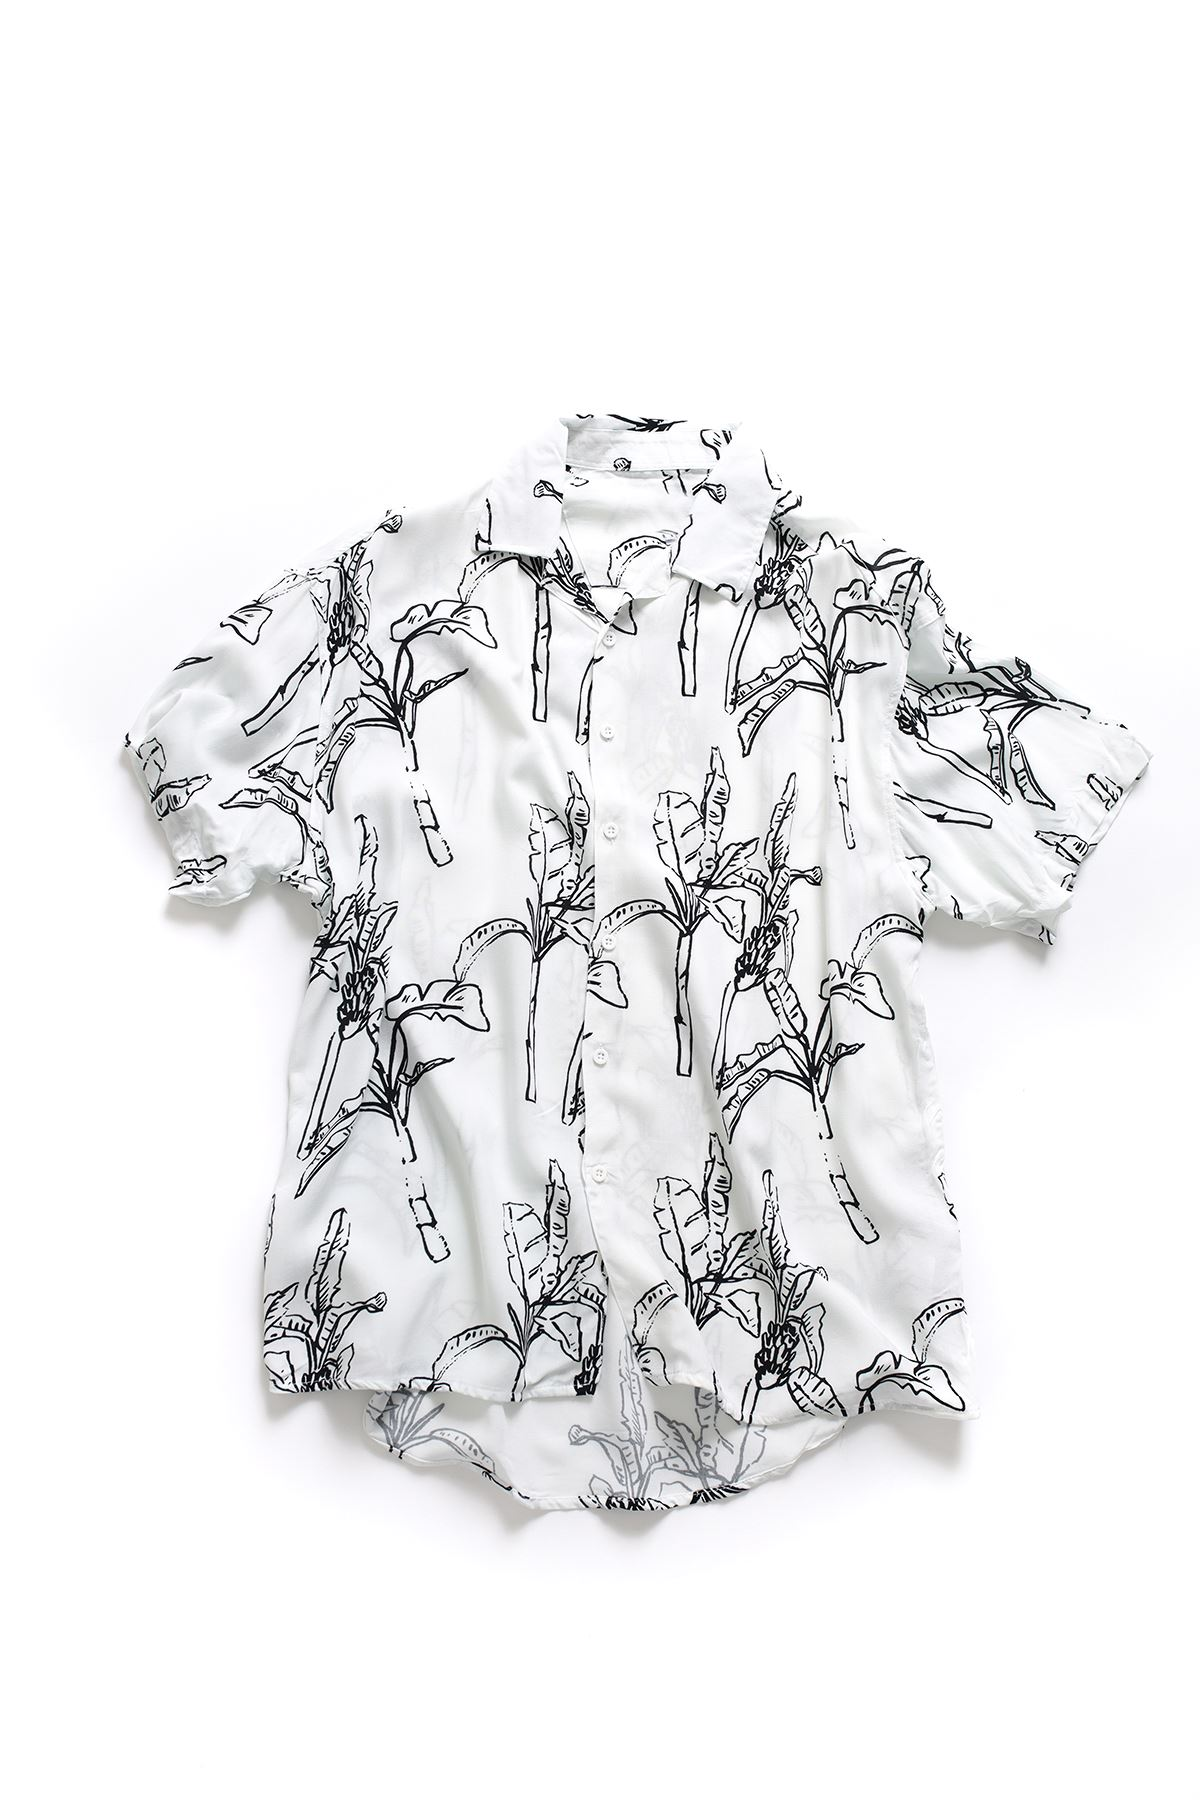 Beyaz Yaprak Desenli Transfer Baskılı Gömlek